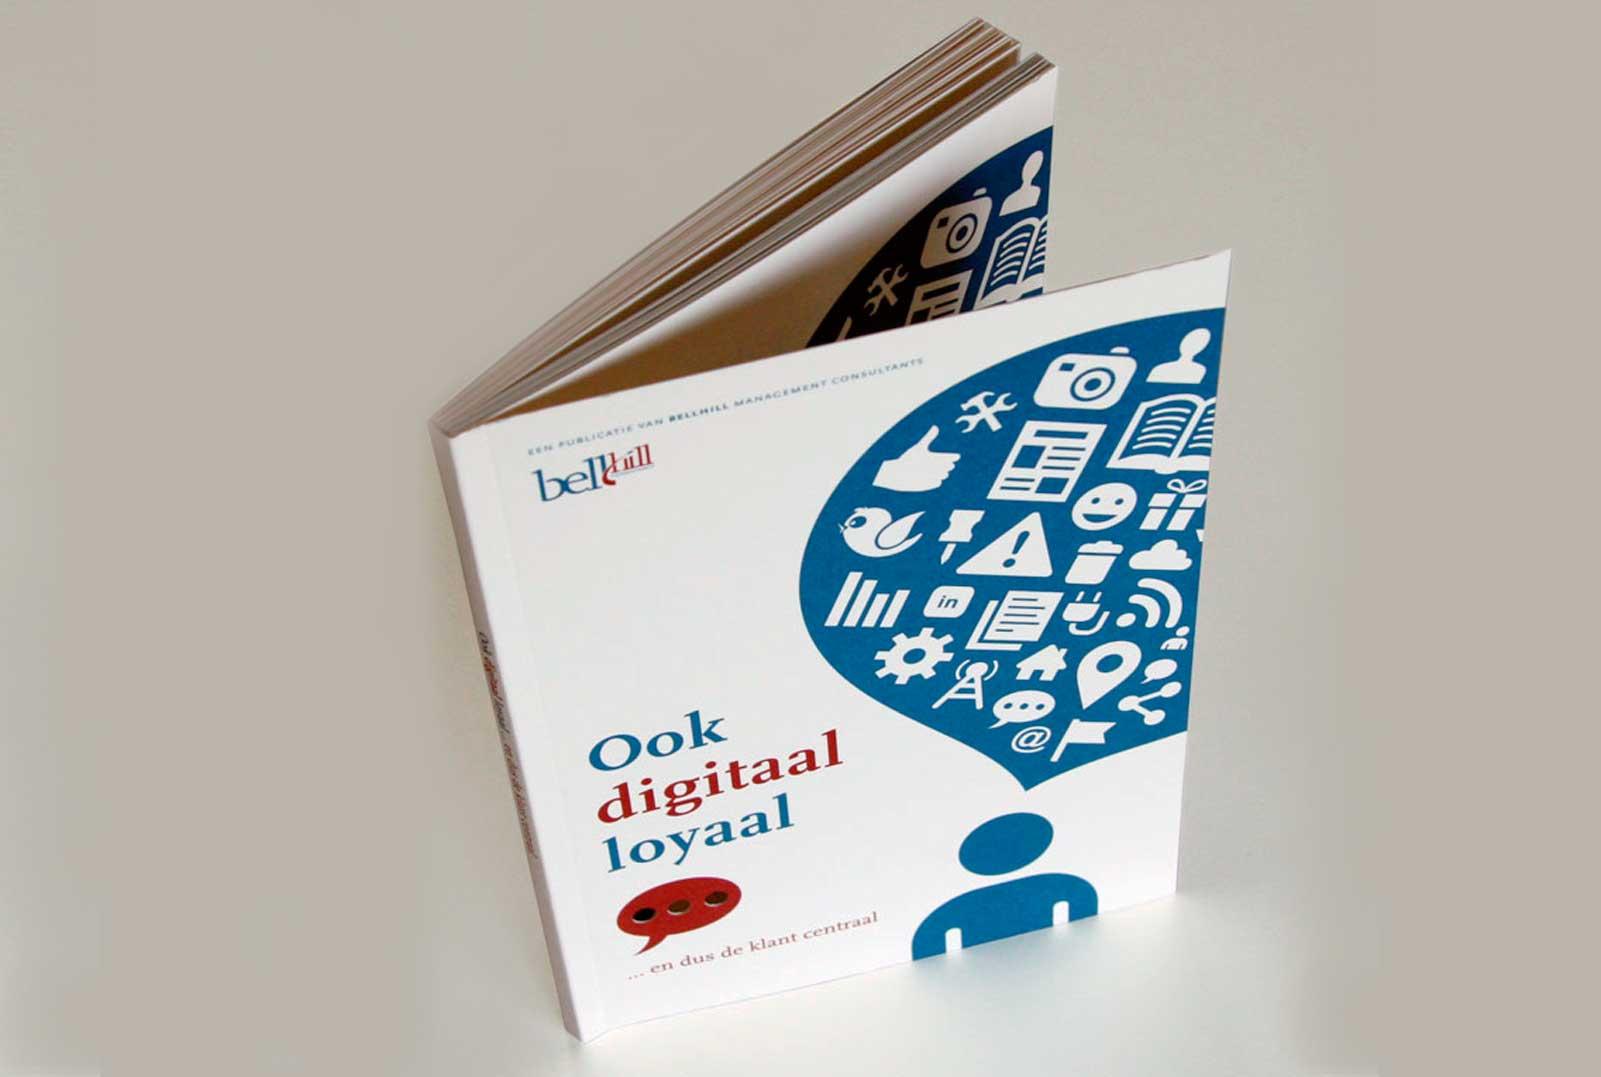 Het boekje 'Digitaal loyaal' staand